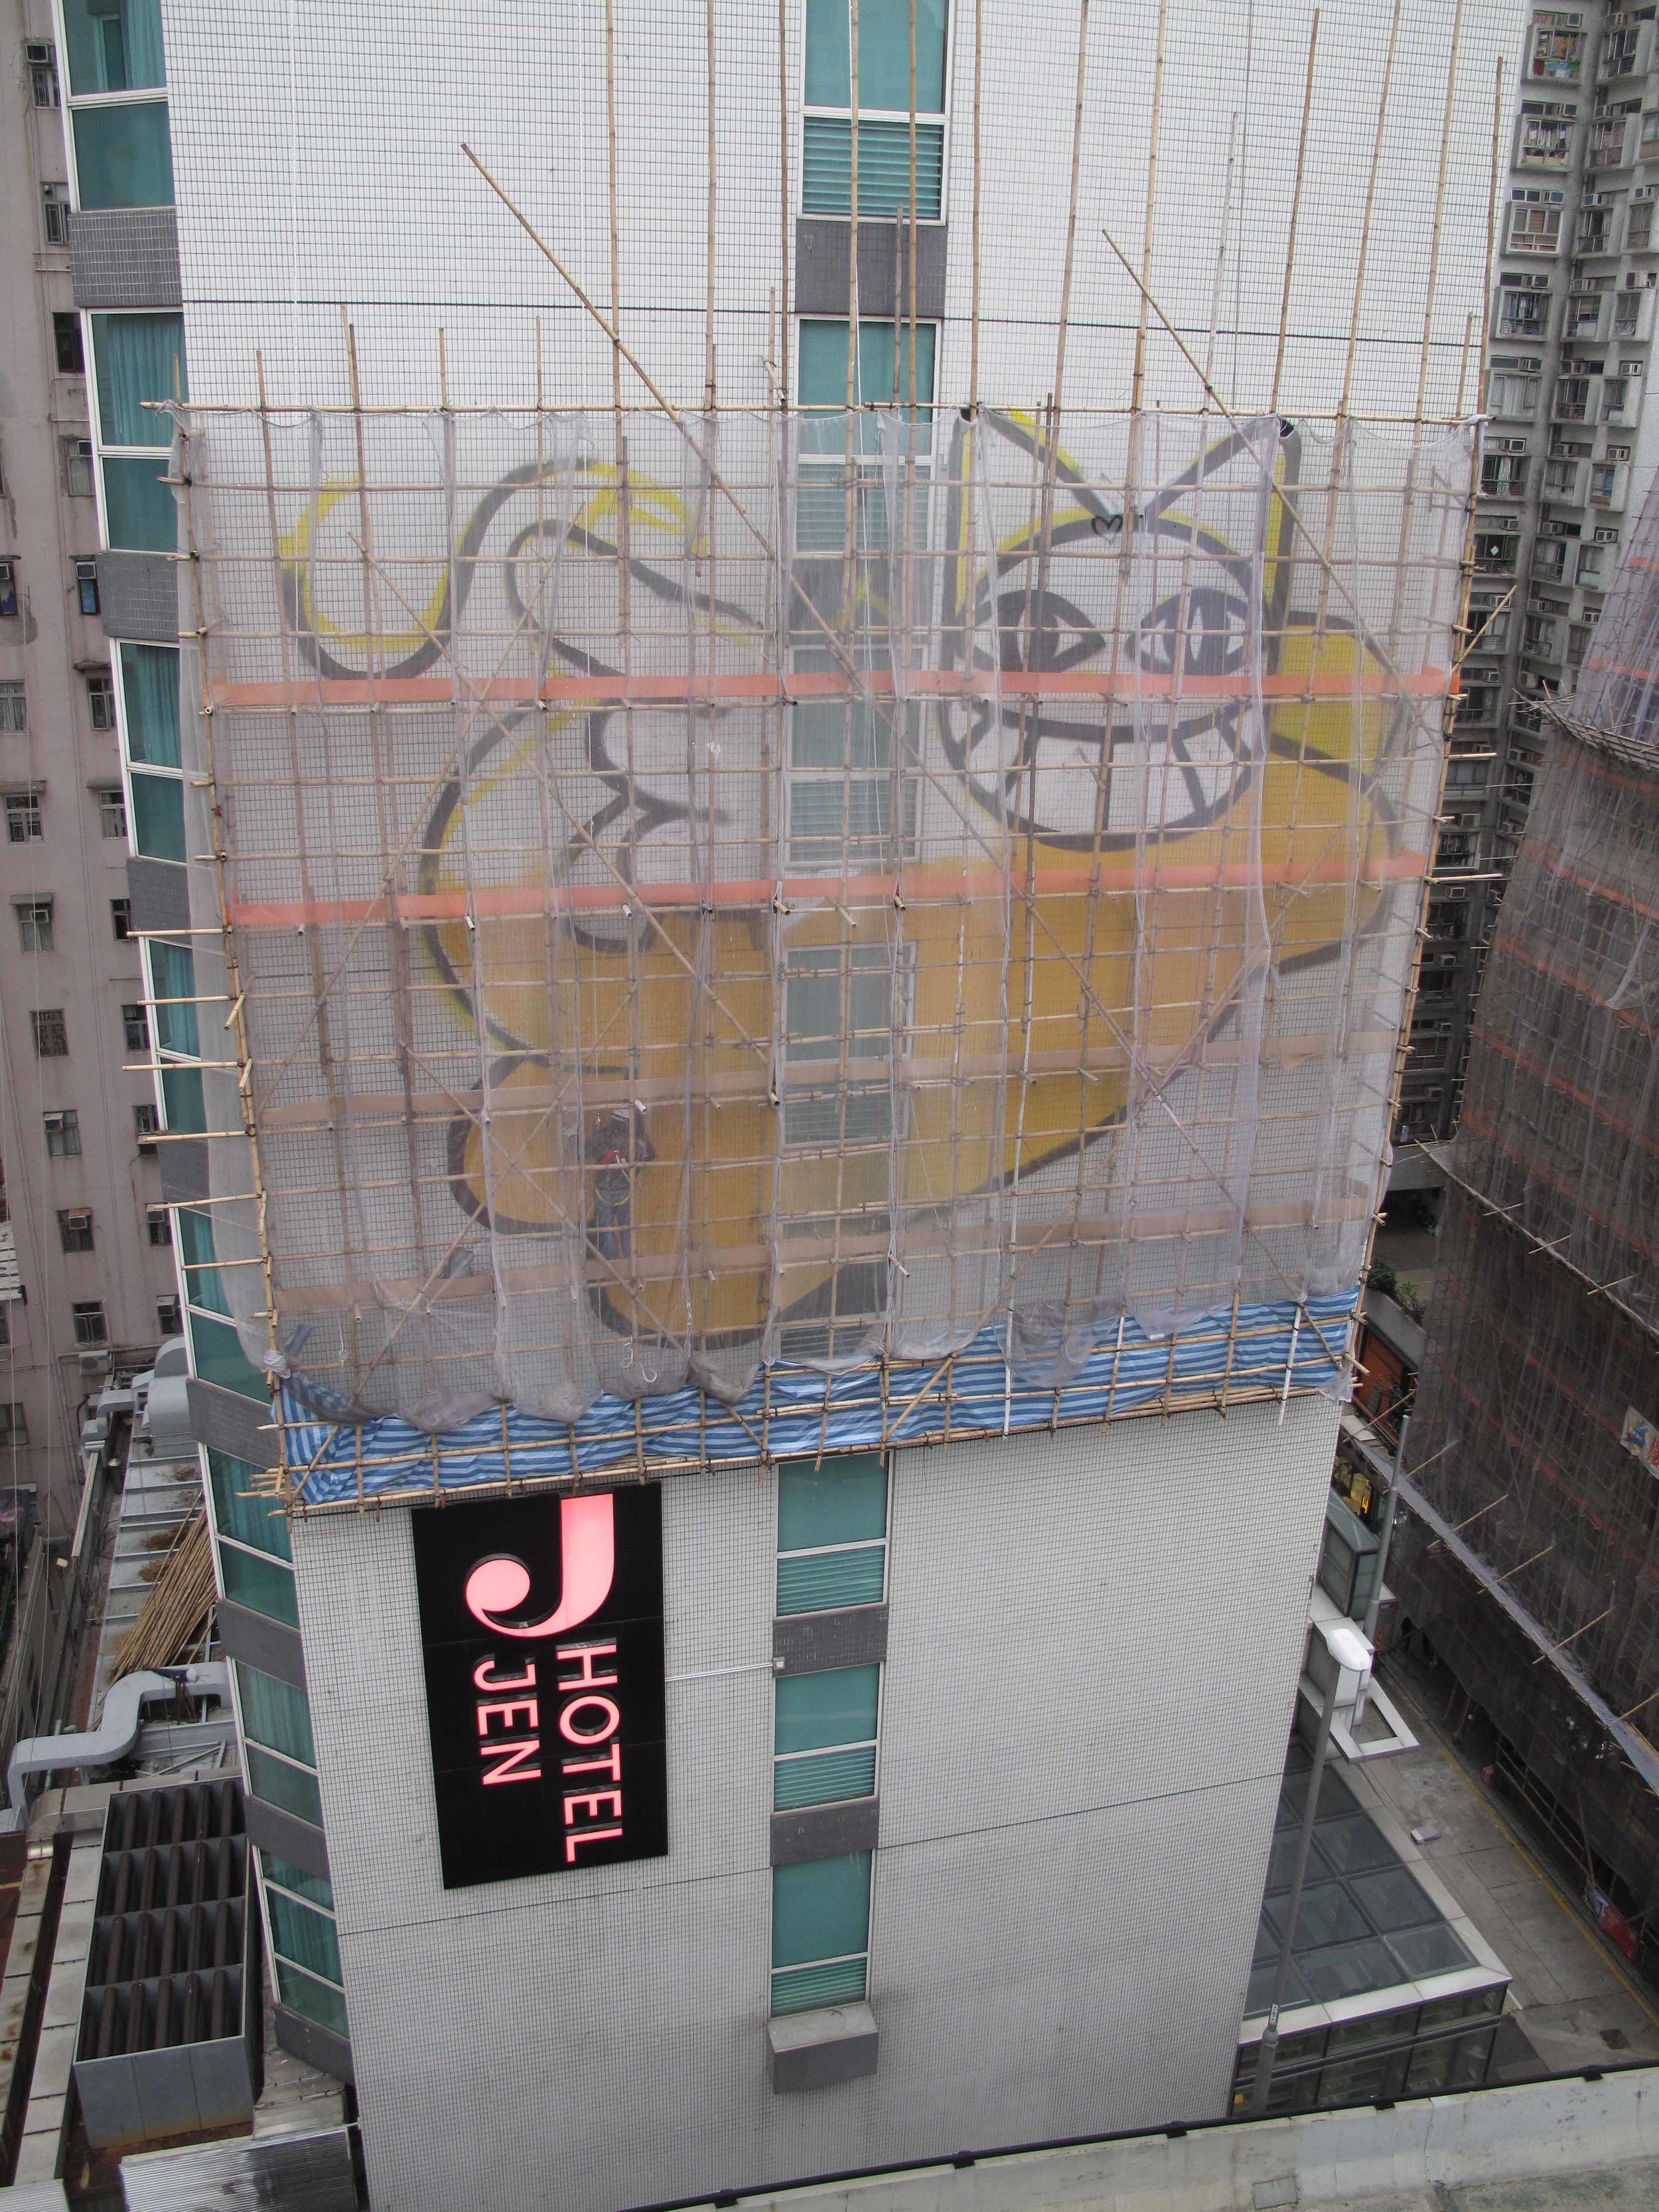 Wall painting in progress by M. Chat at Hotel Jen Hong Kong.jpg